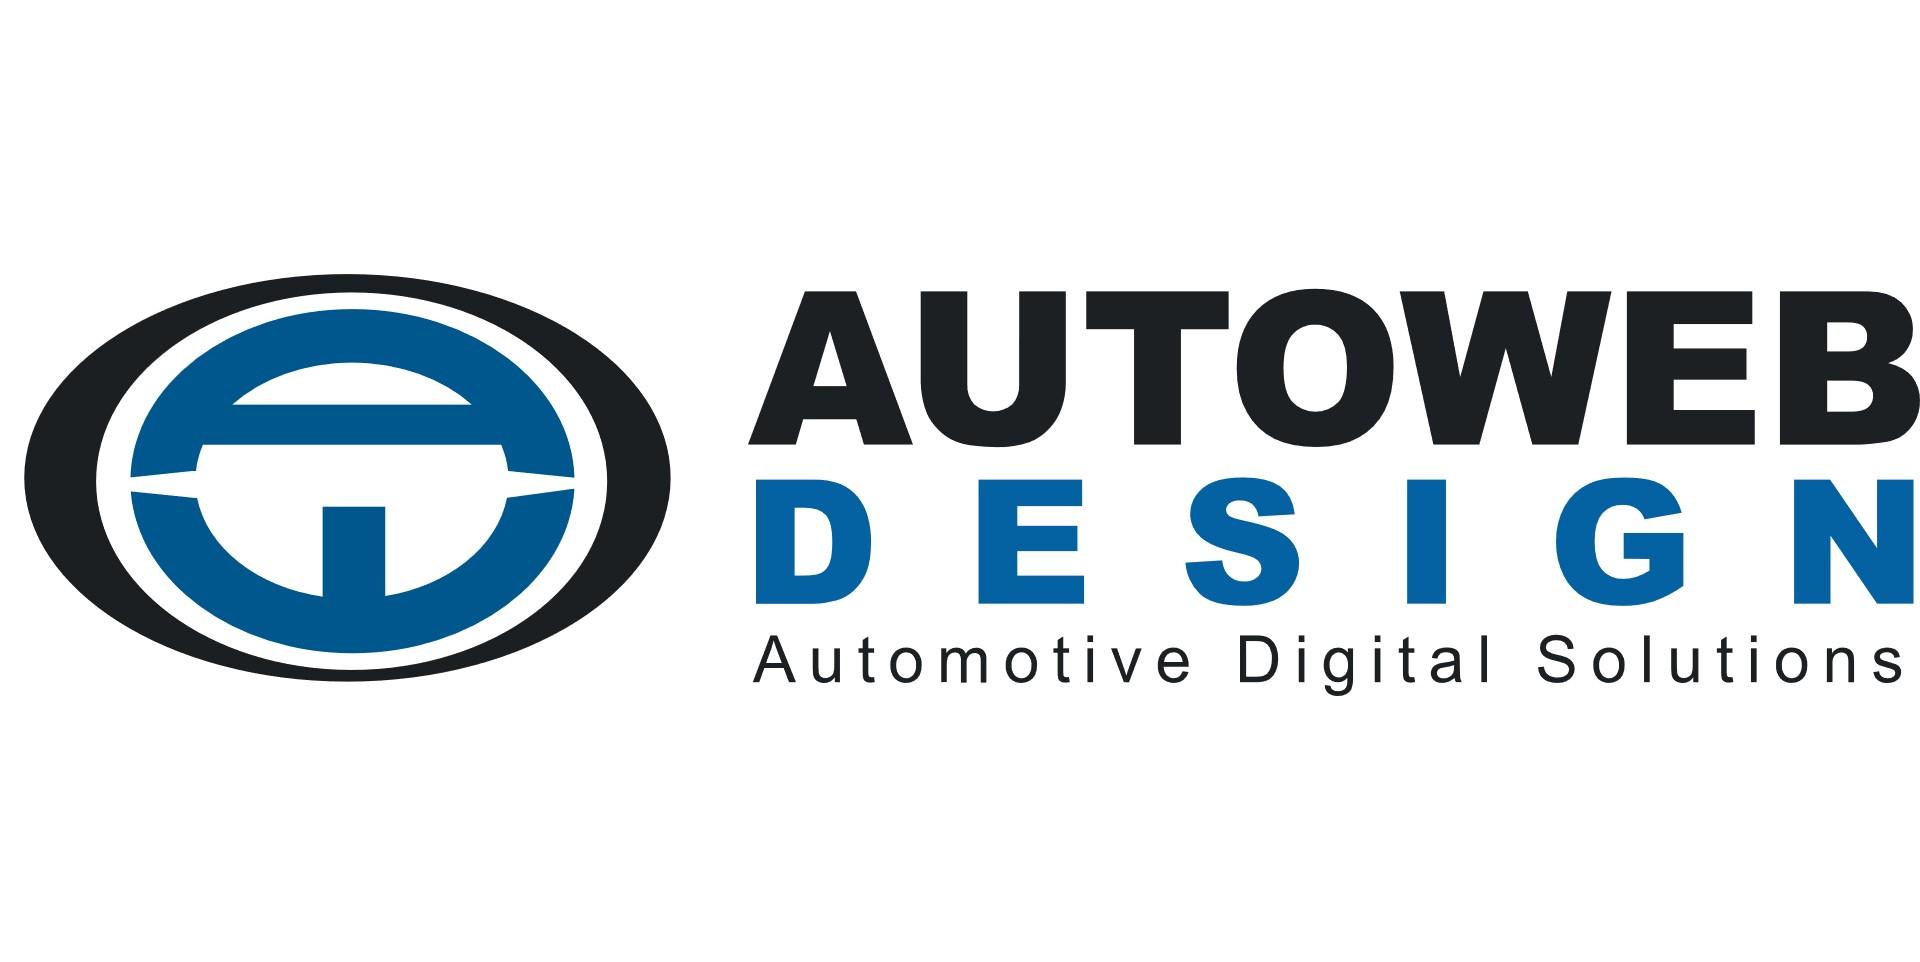 Autoweb Design